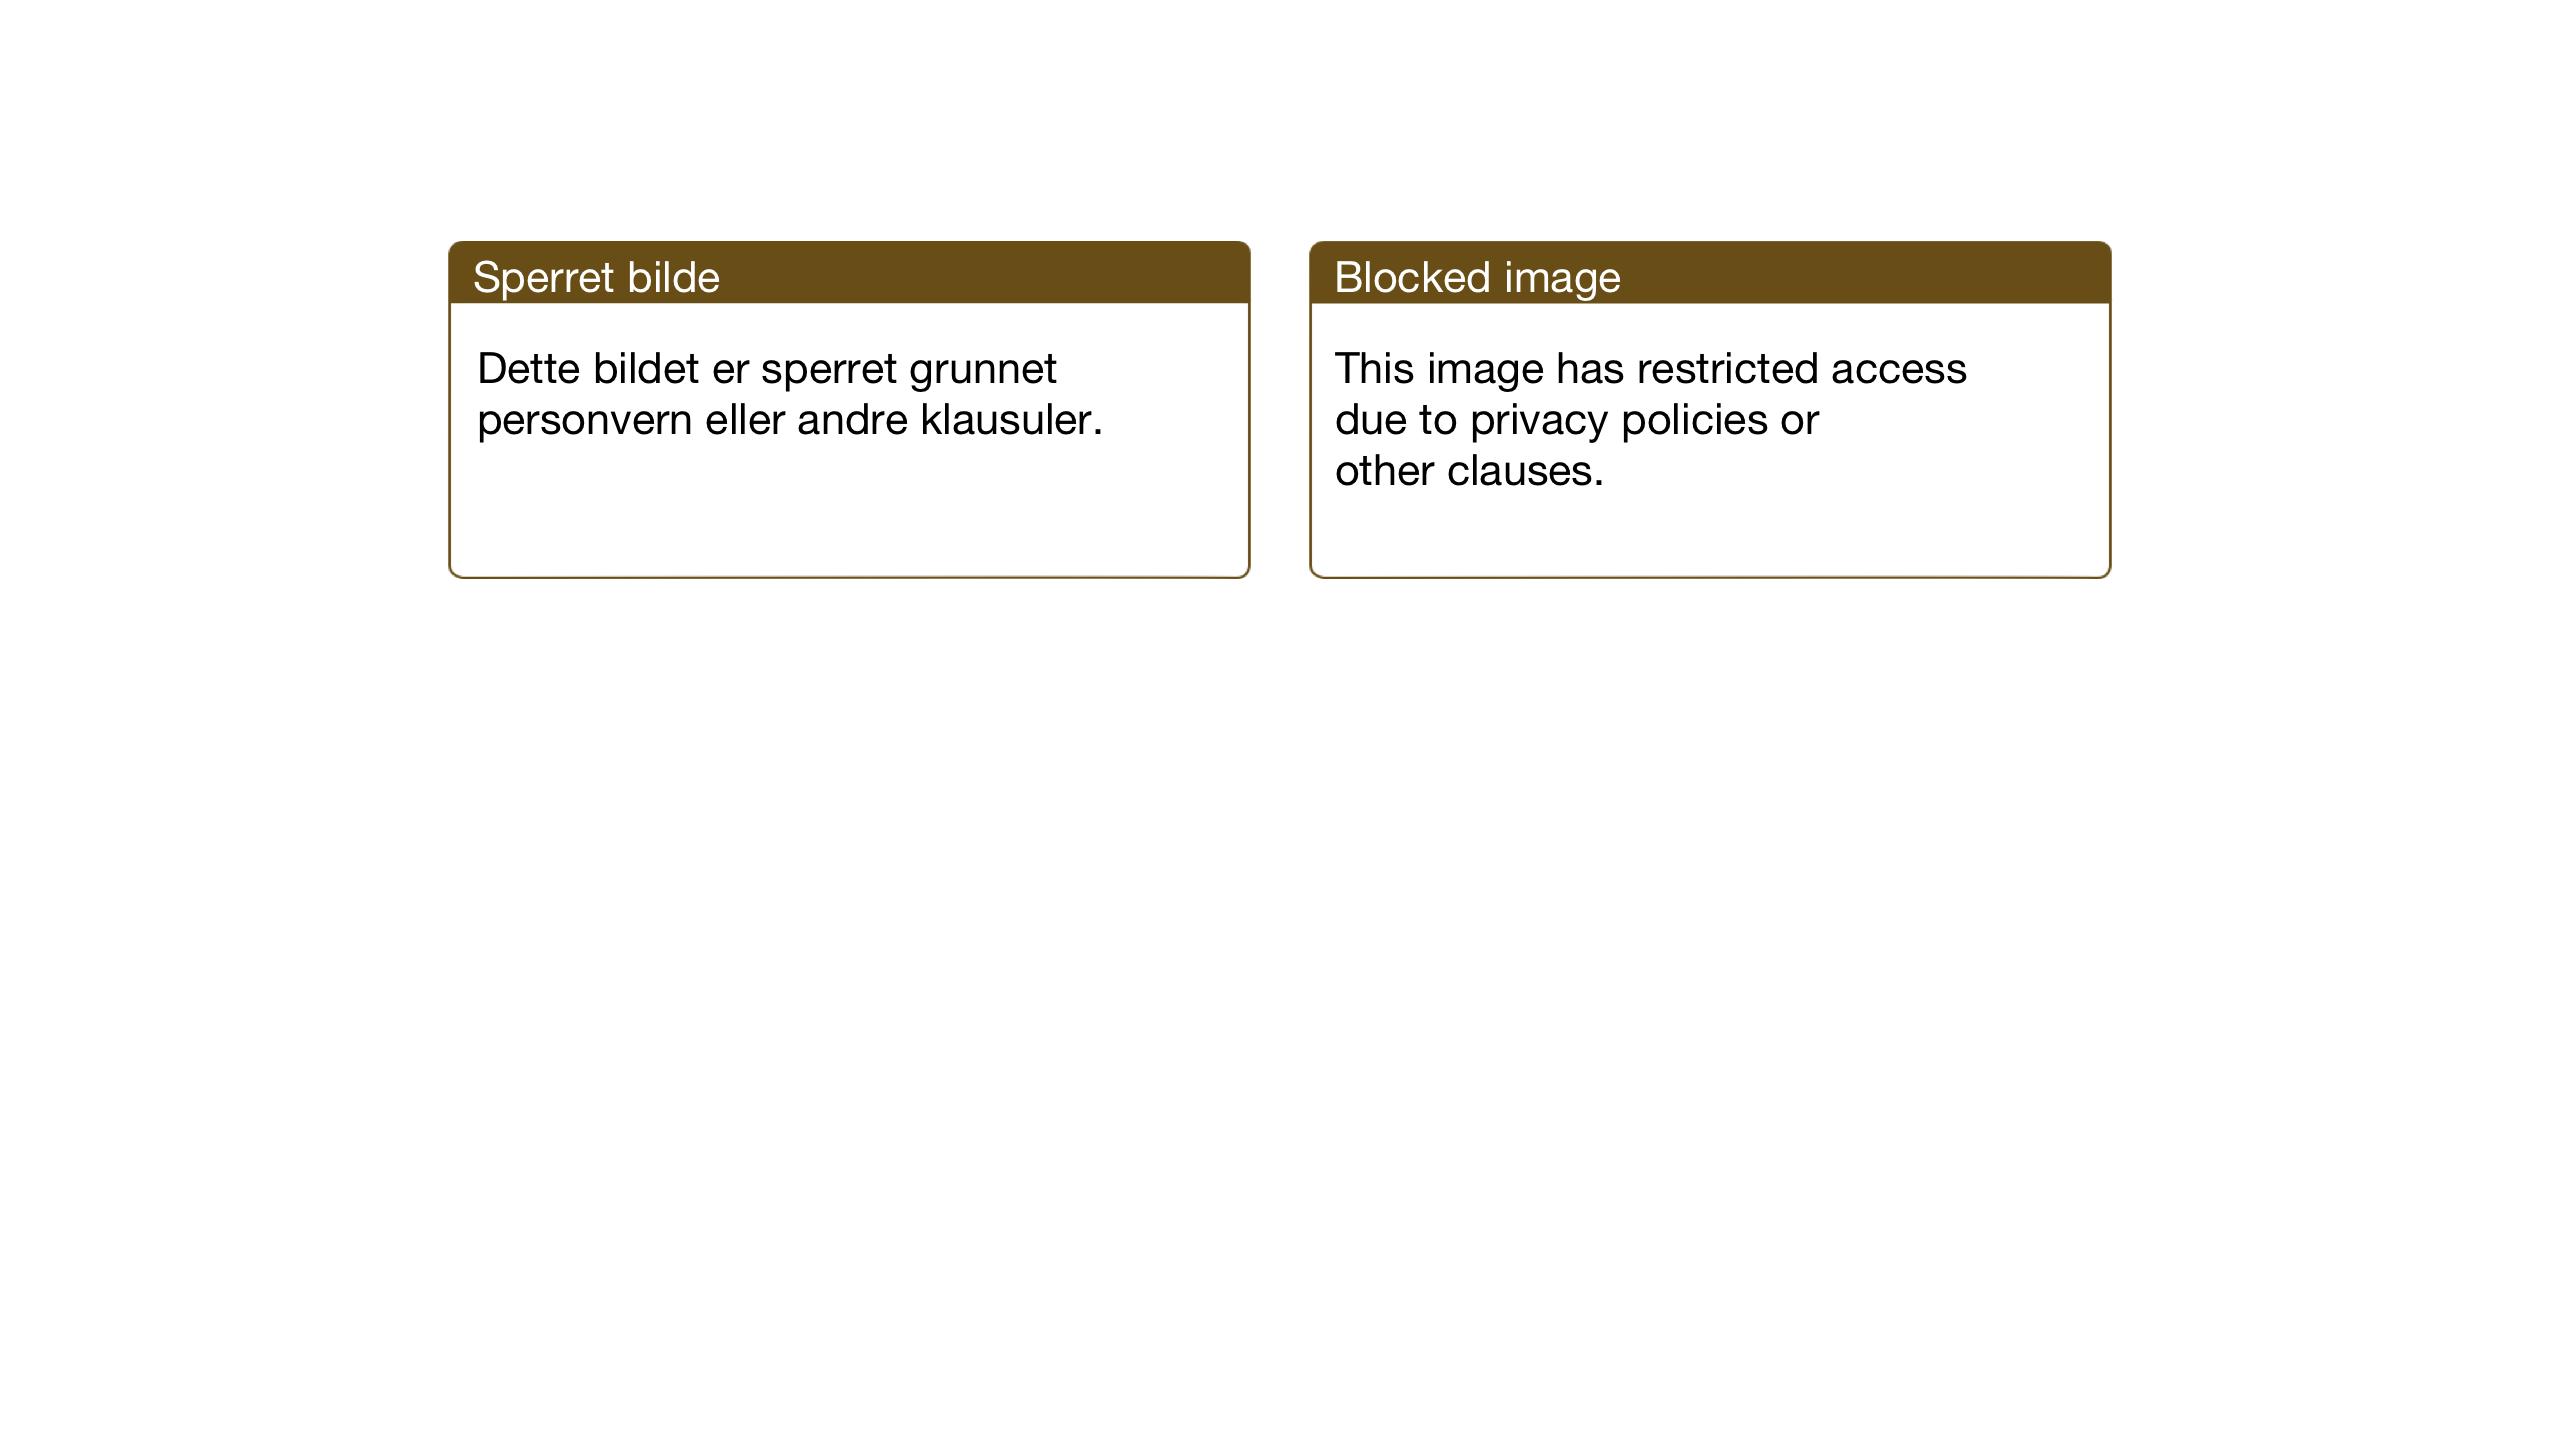 SAT, Ministerialprotokoller, klokkerbøker og fødselsregistre - Sør-Trøndelag, 674/L0878: Klokkerbok nr. 674C05, 1941-1950, s. 97